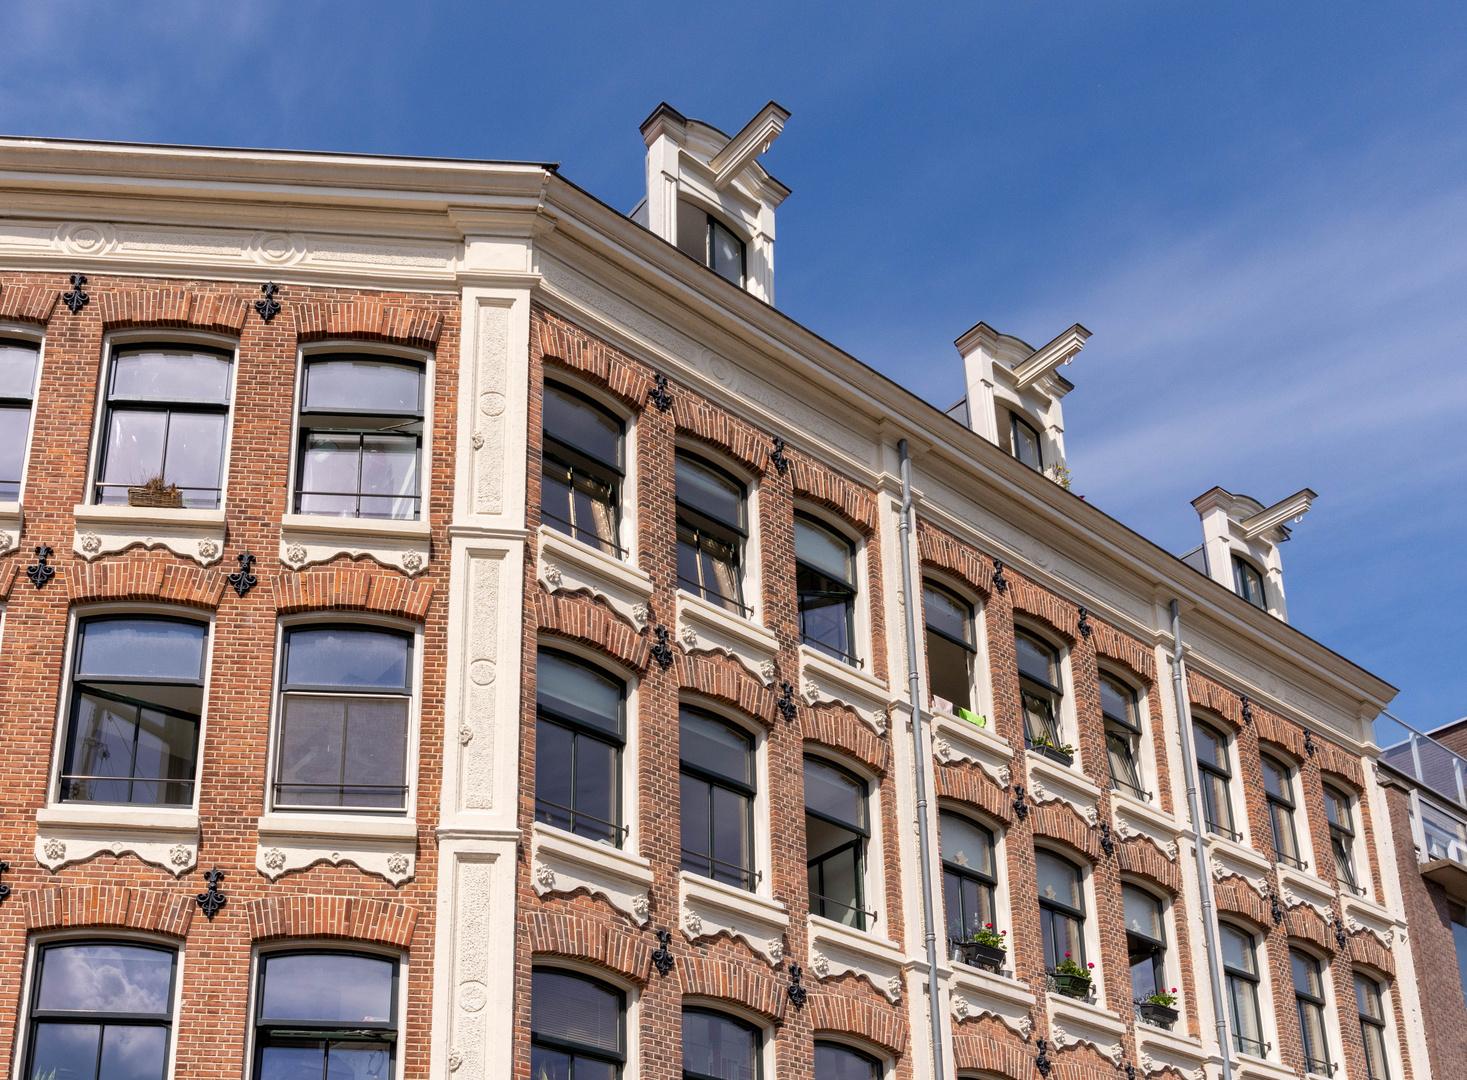 Amsterdam - Zeeheldenbuurt - Zoutkeetsplein - 05